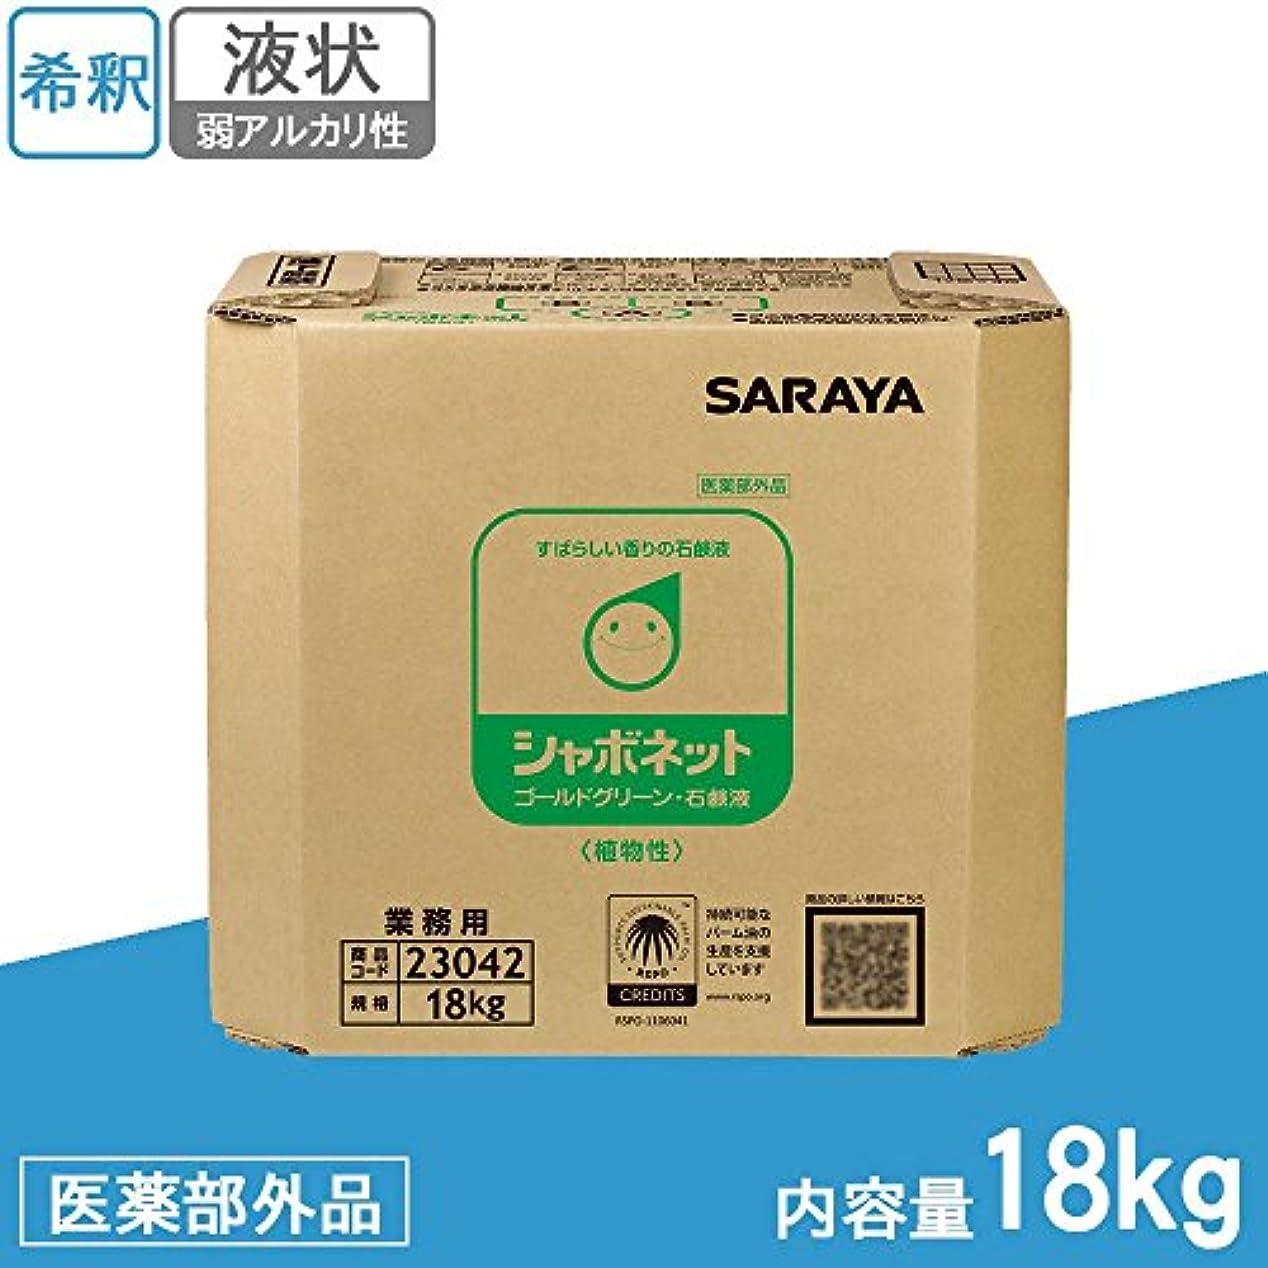 請求書明らかにするだますサラヤ 業務用 手洗い用石けん液 シャボネットゴールドグリーン スズランの香り 18kg BIB 23042 (医薬部外品)